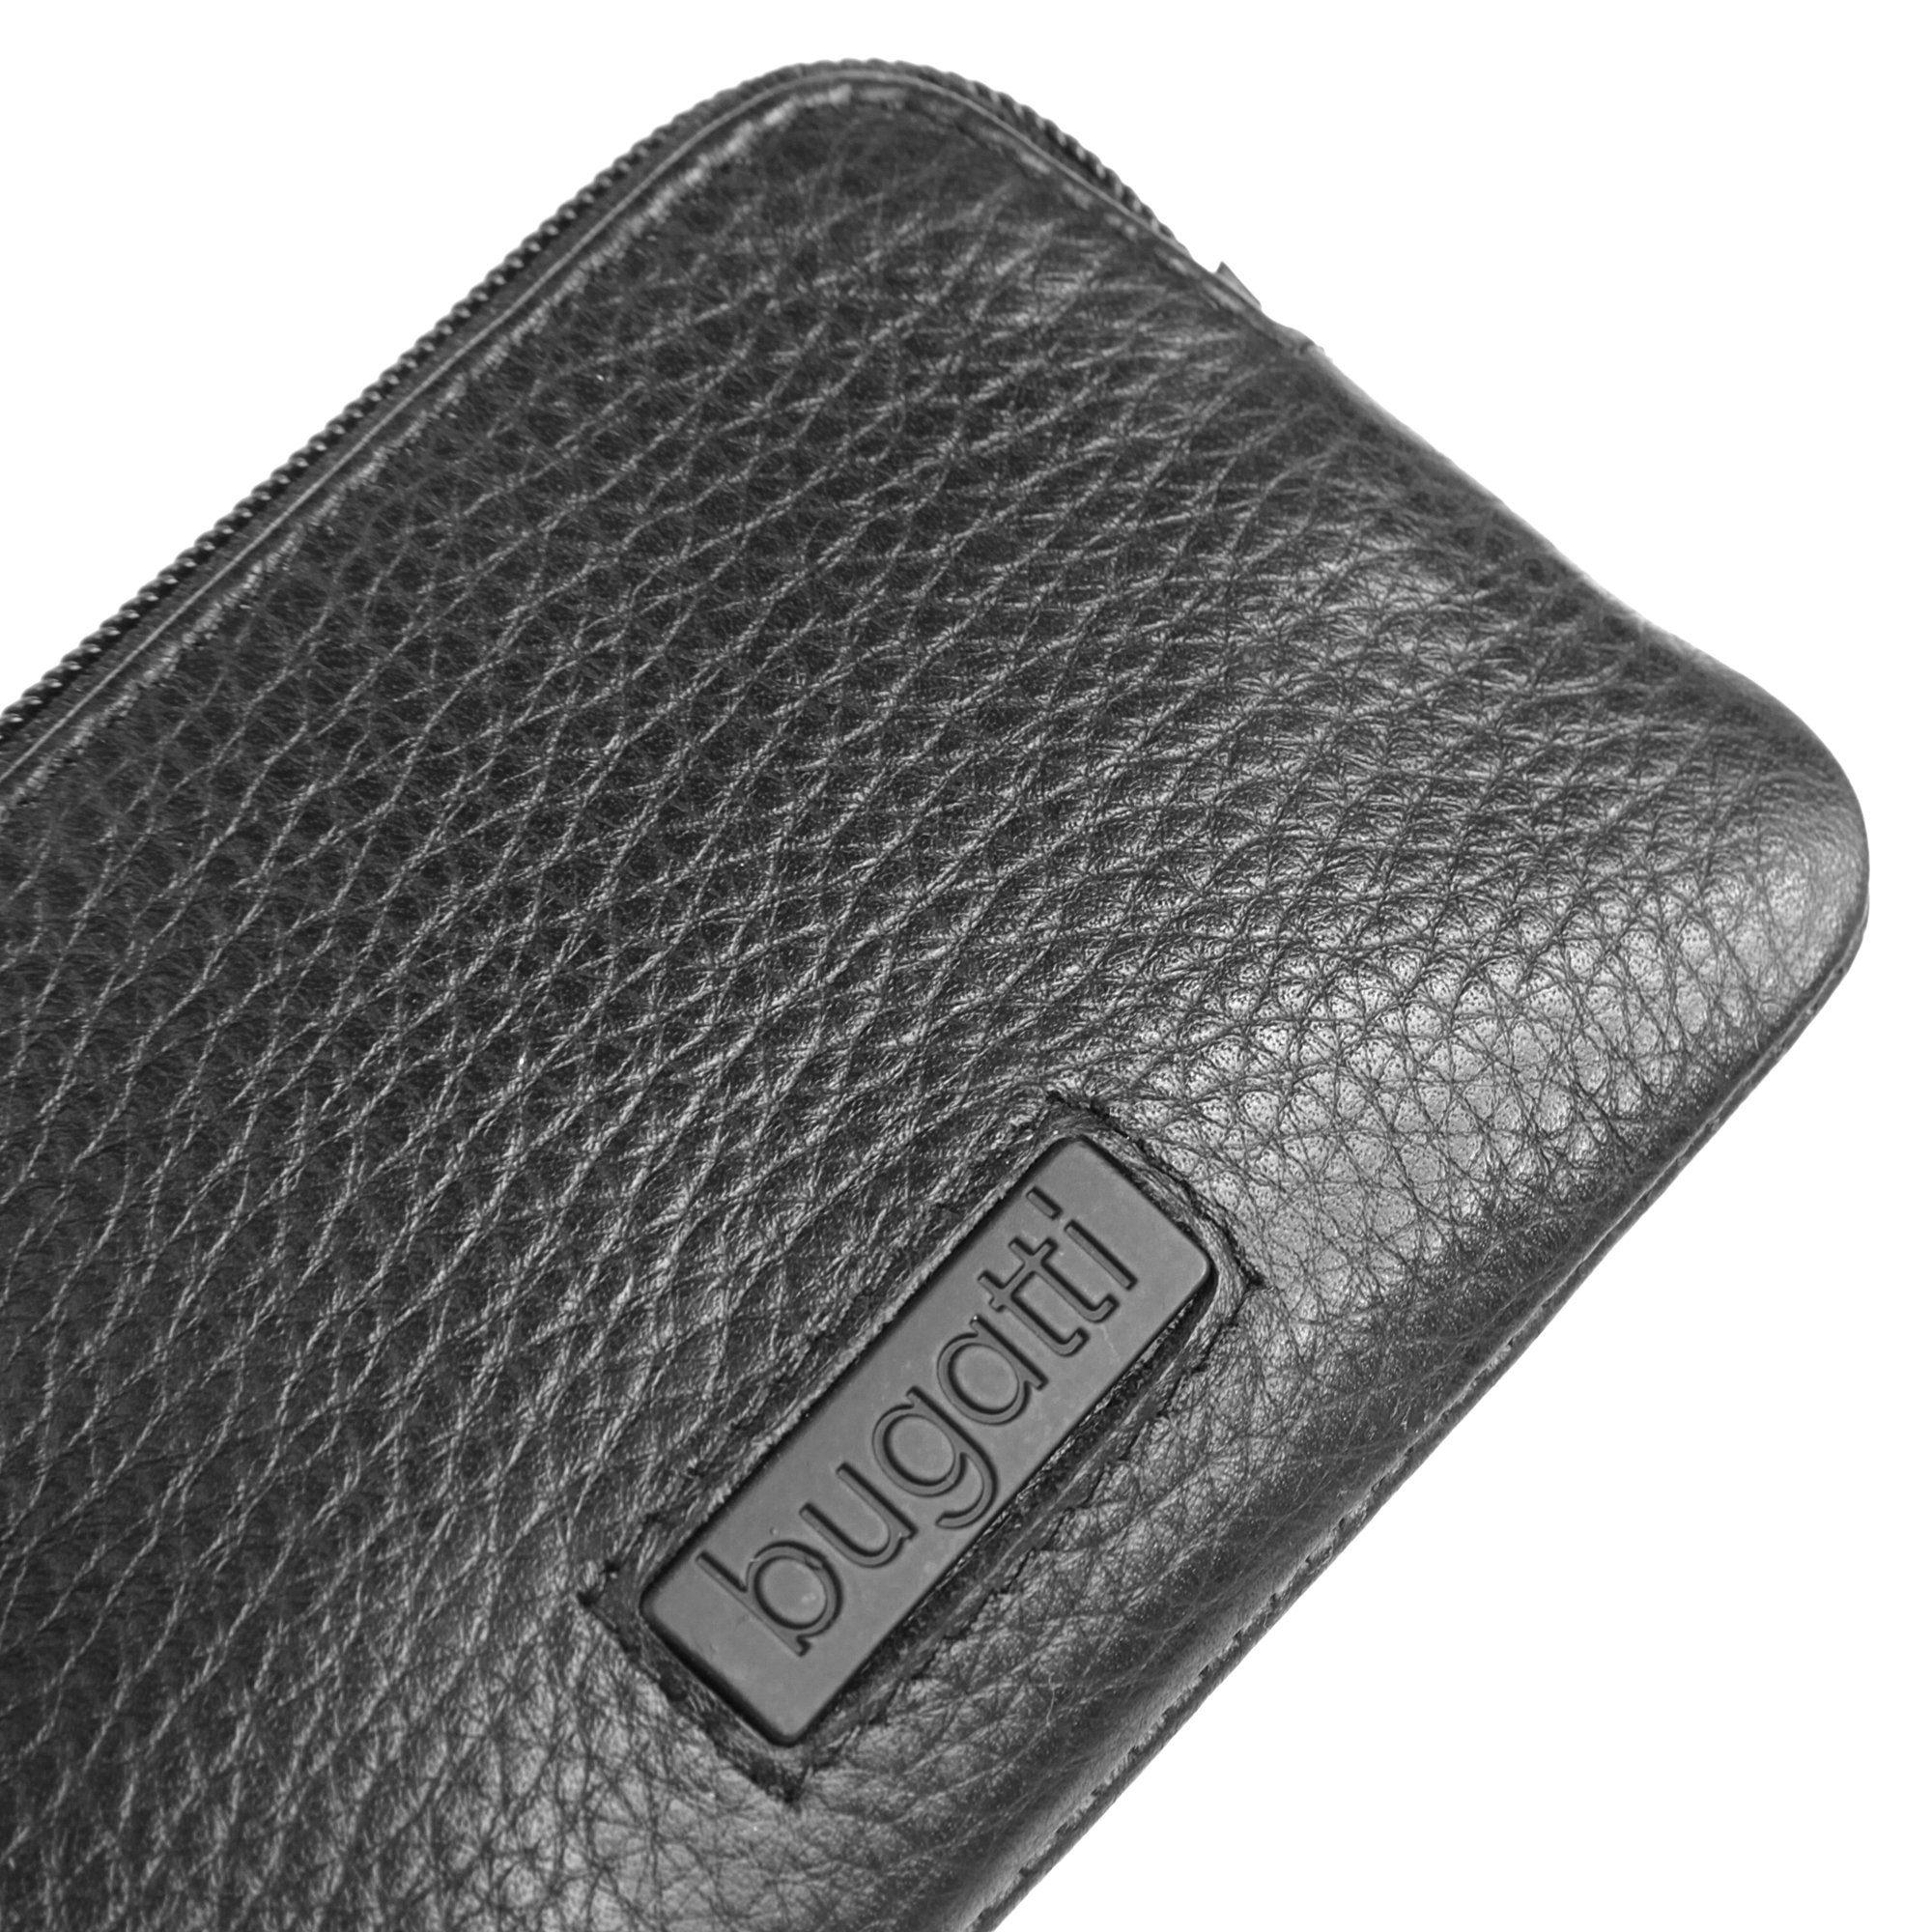 Bugatti Bugatti Schlüsseltasche Schlüsseltasche »pregio«Schlüsselanhänger Online Kaufen BCoQxerdW